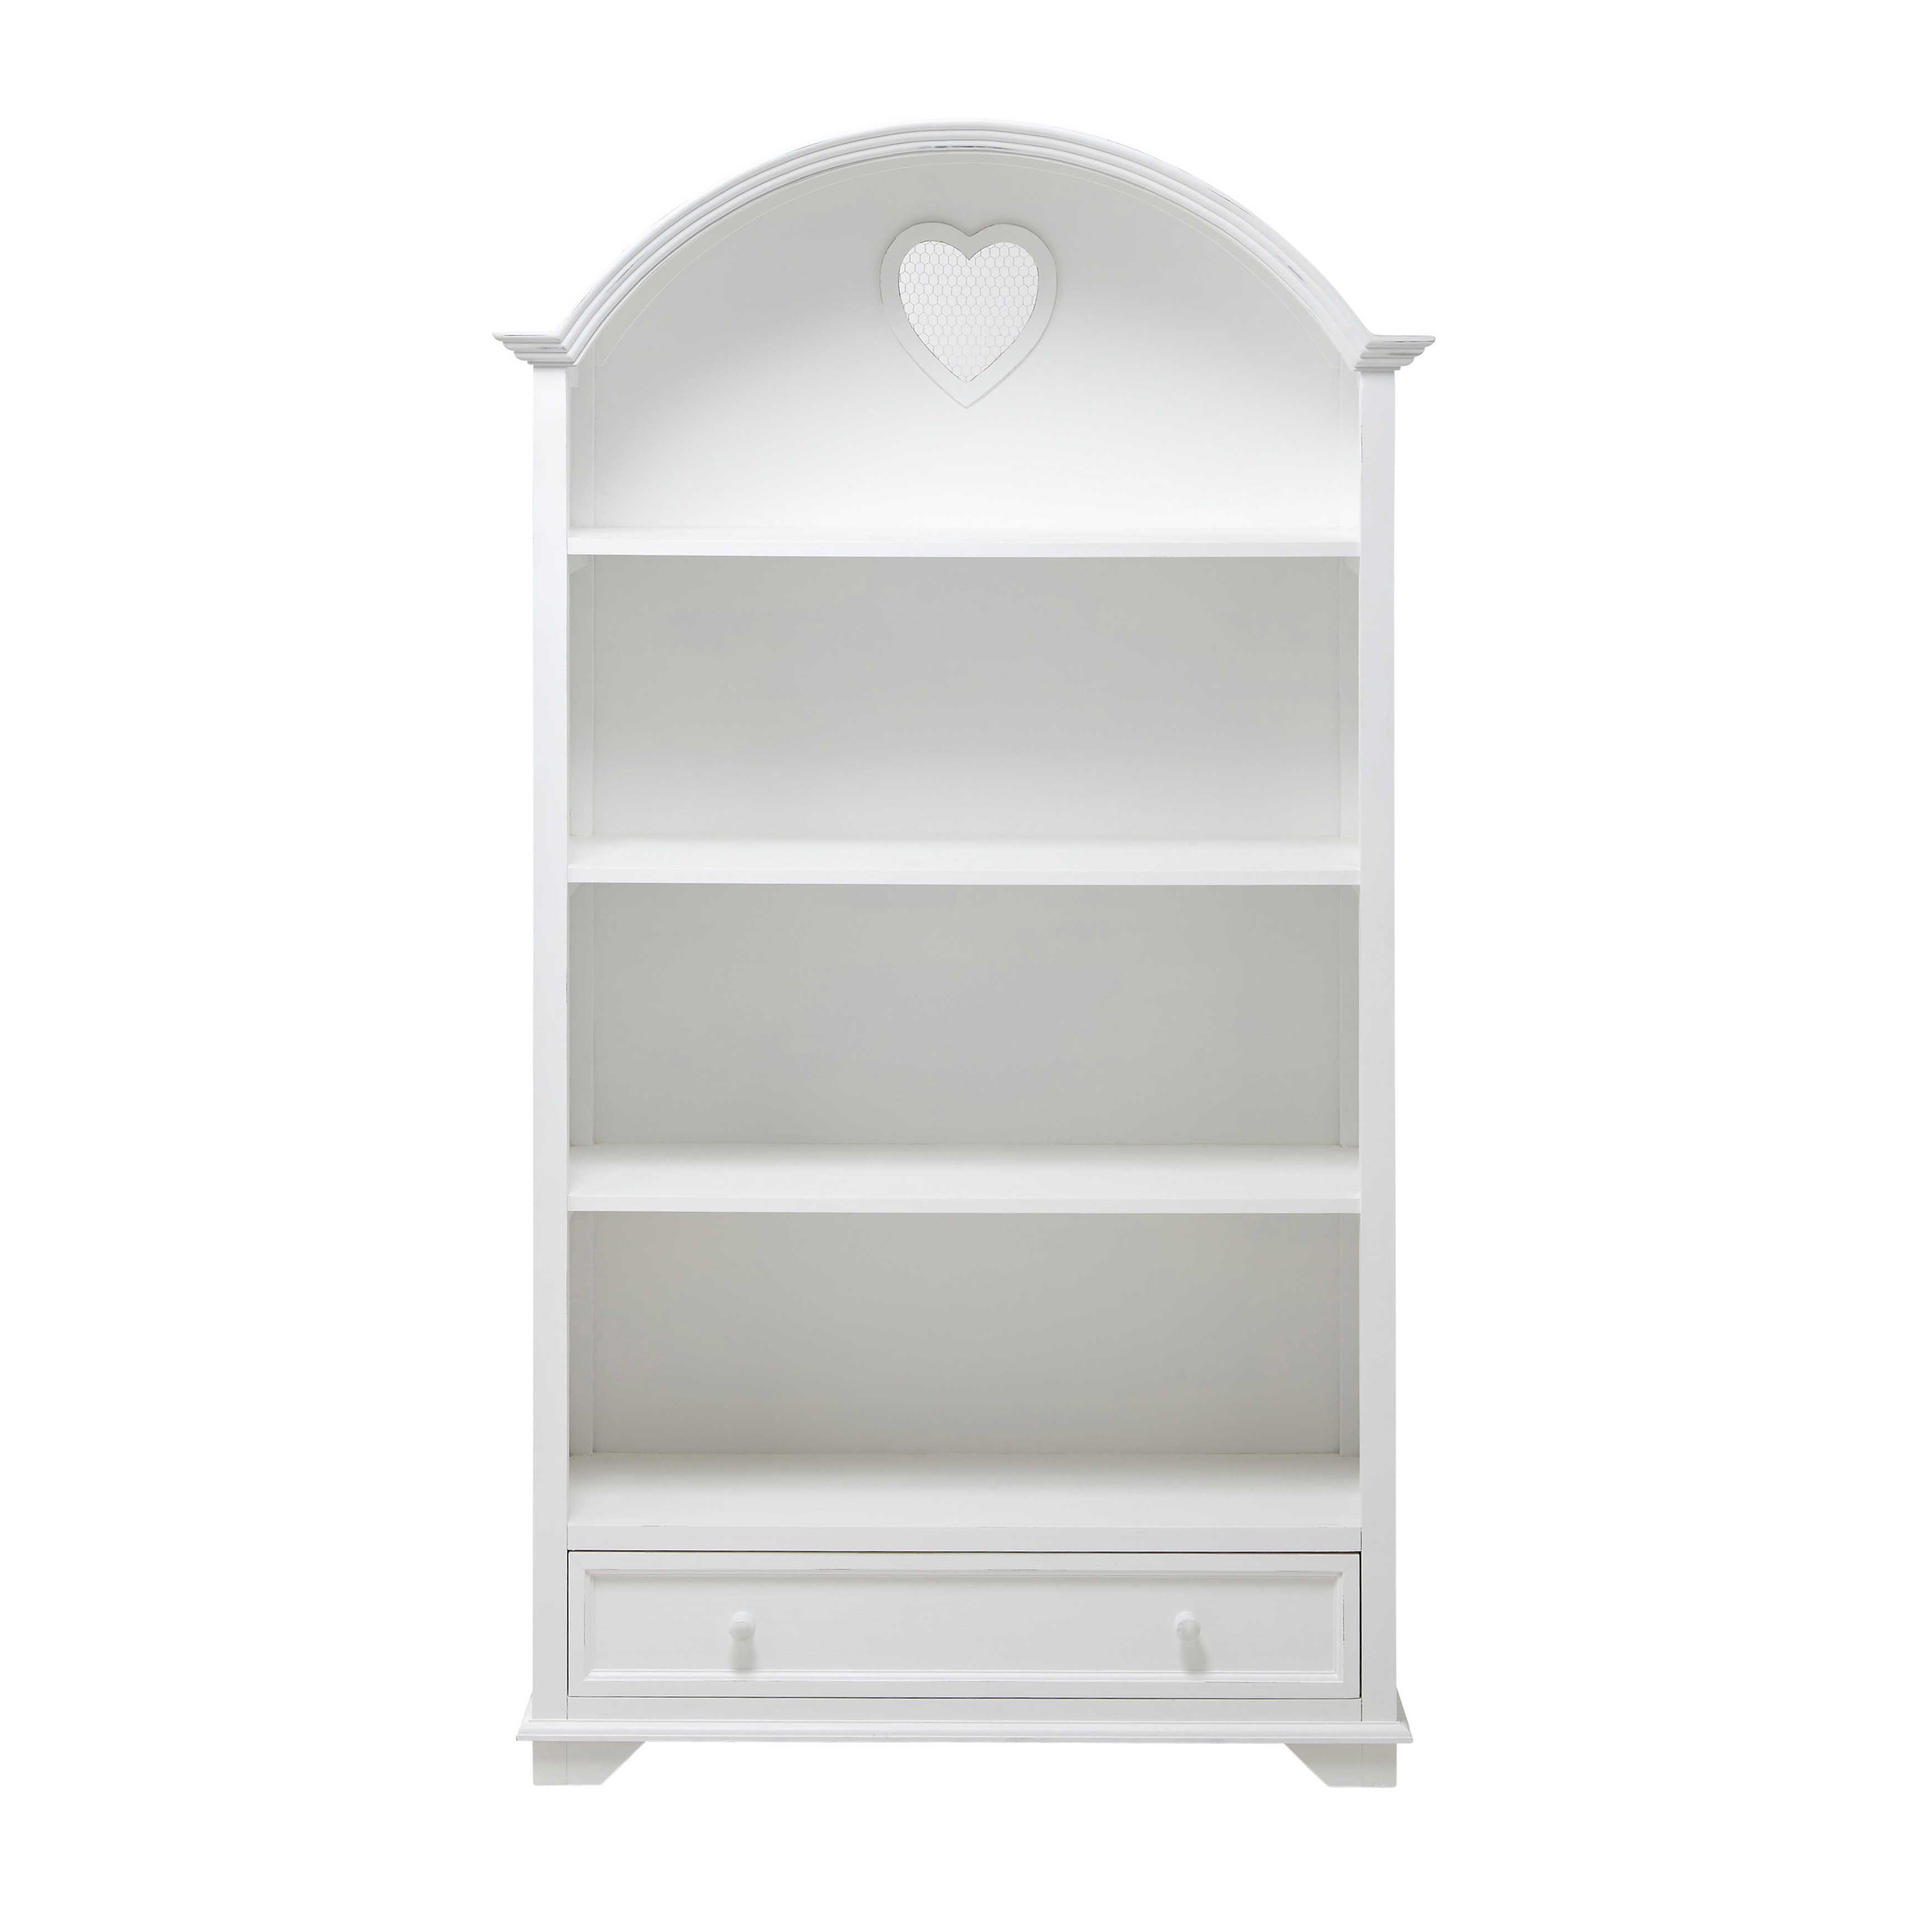 armoire en bois blanc l 130 cm bedroom by sira manga enfant valentine et armoires